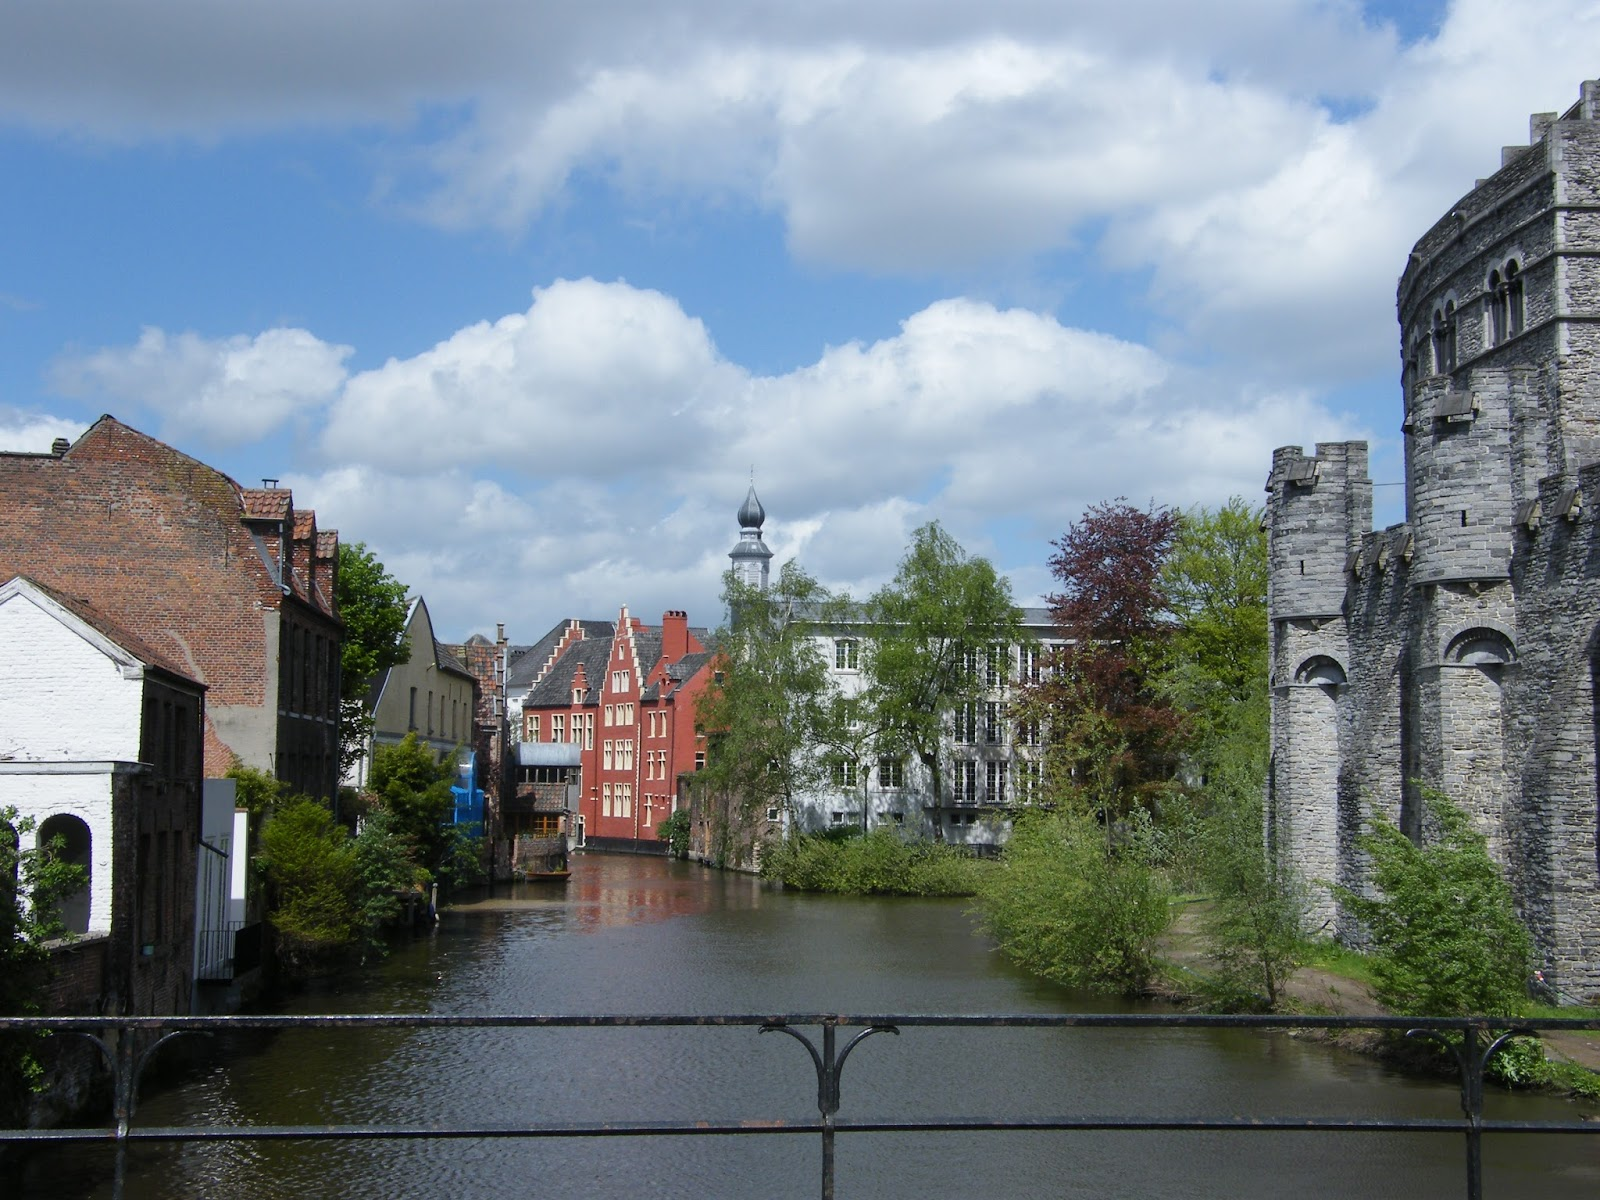 Au gr du jardin se souvenir des belles choses belgique for Jardins a visiter